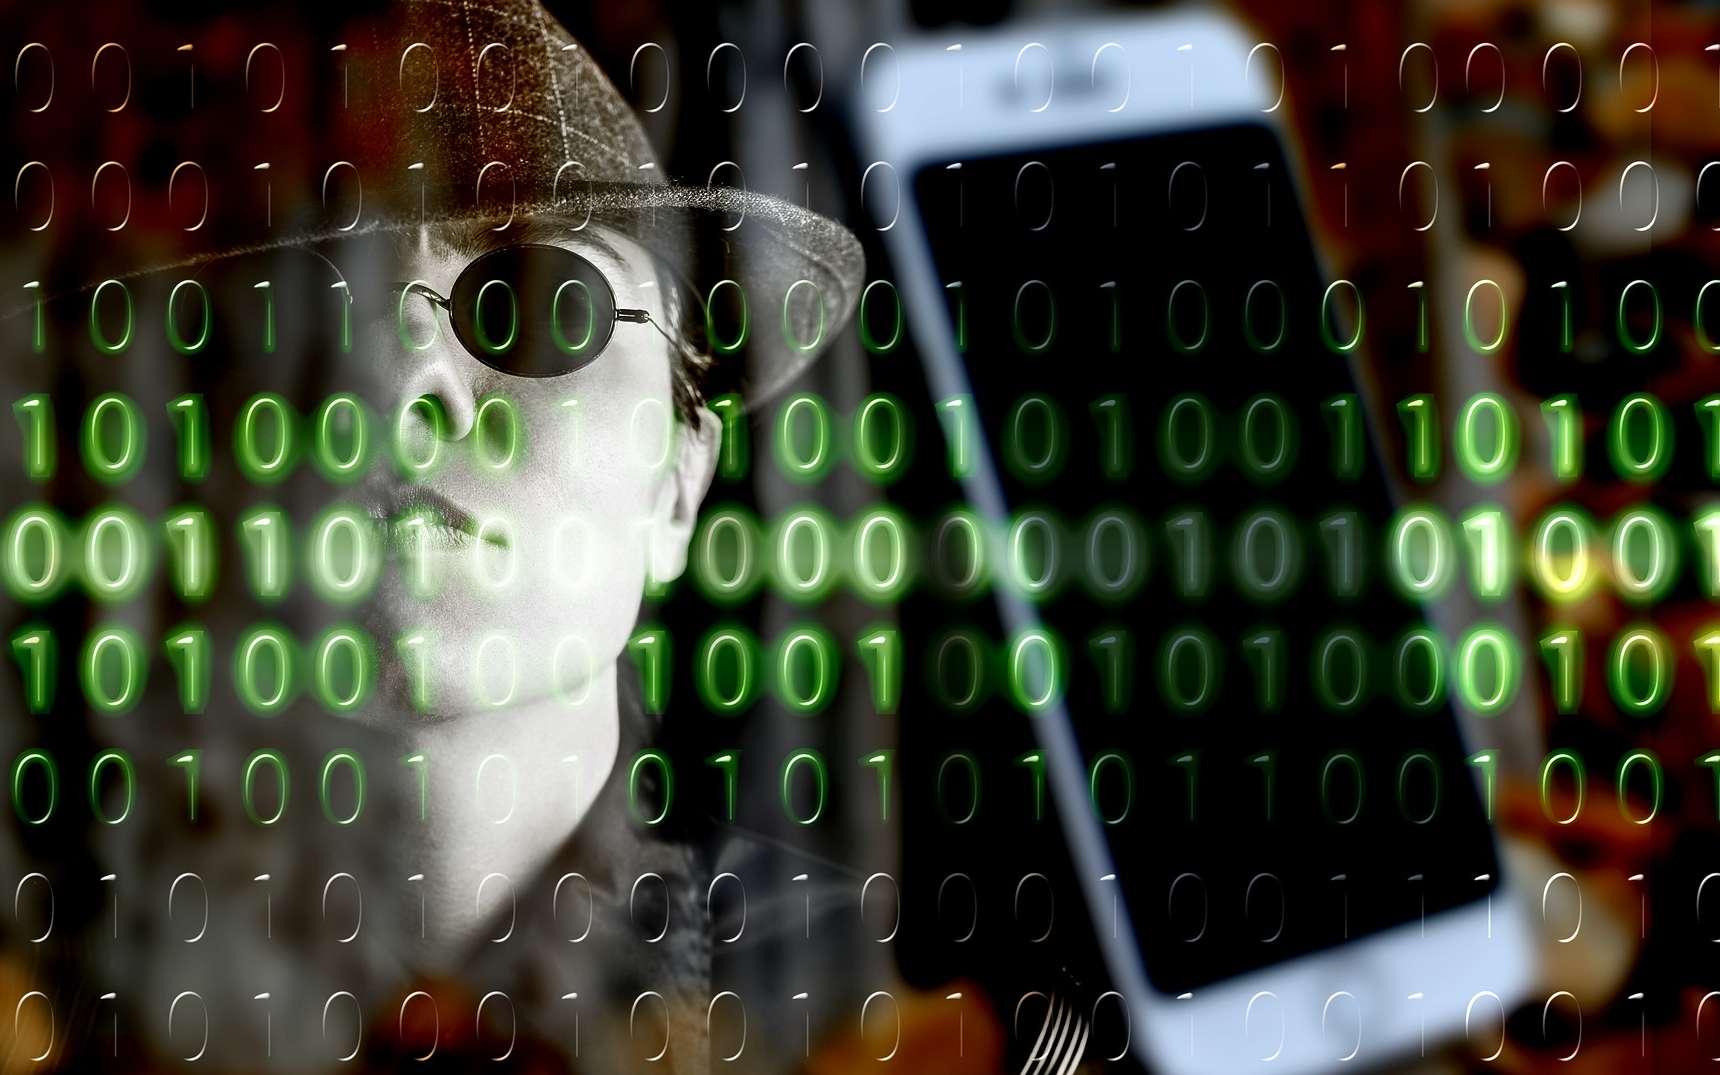 Depuis quatre ans, Mandrake se cache dans des applications pour siphonner les données personnelles des utilisateurs © Gerd Altmann / Pixabay